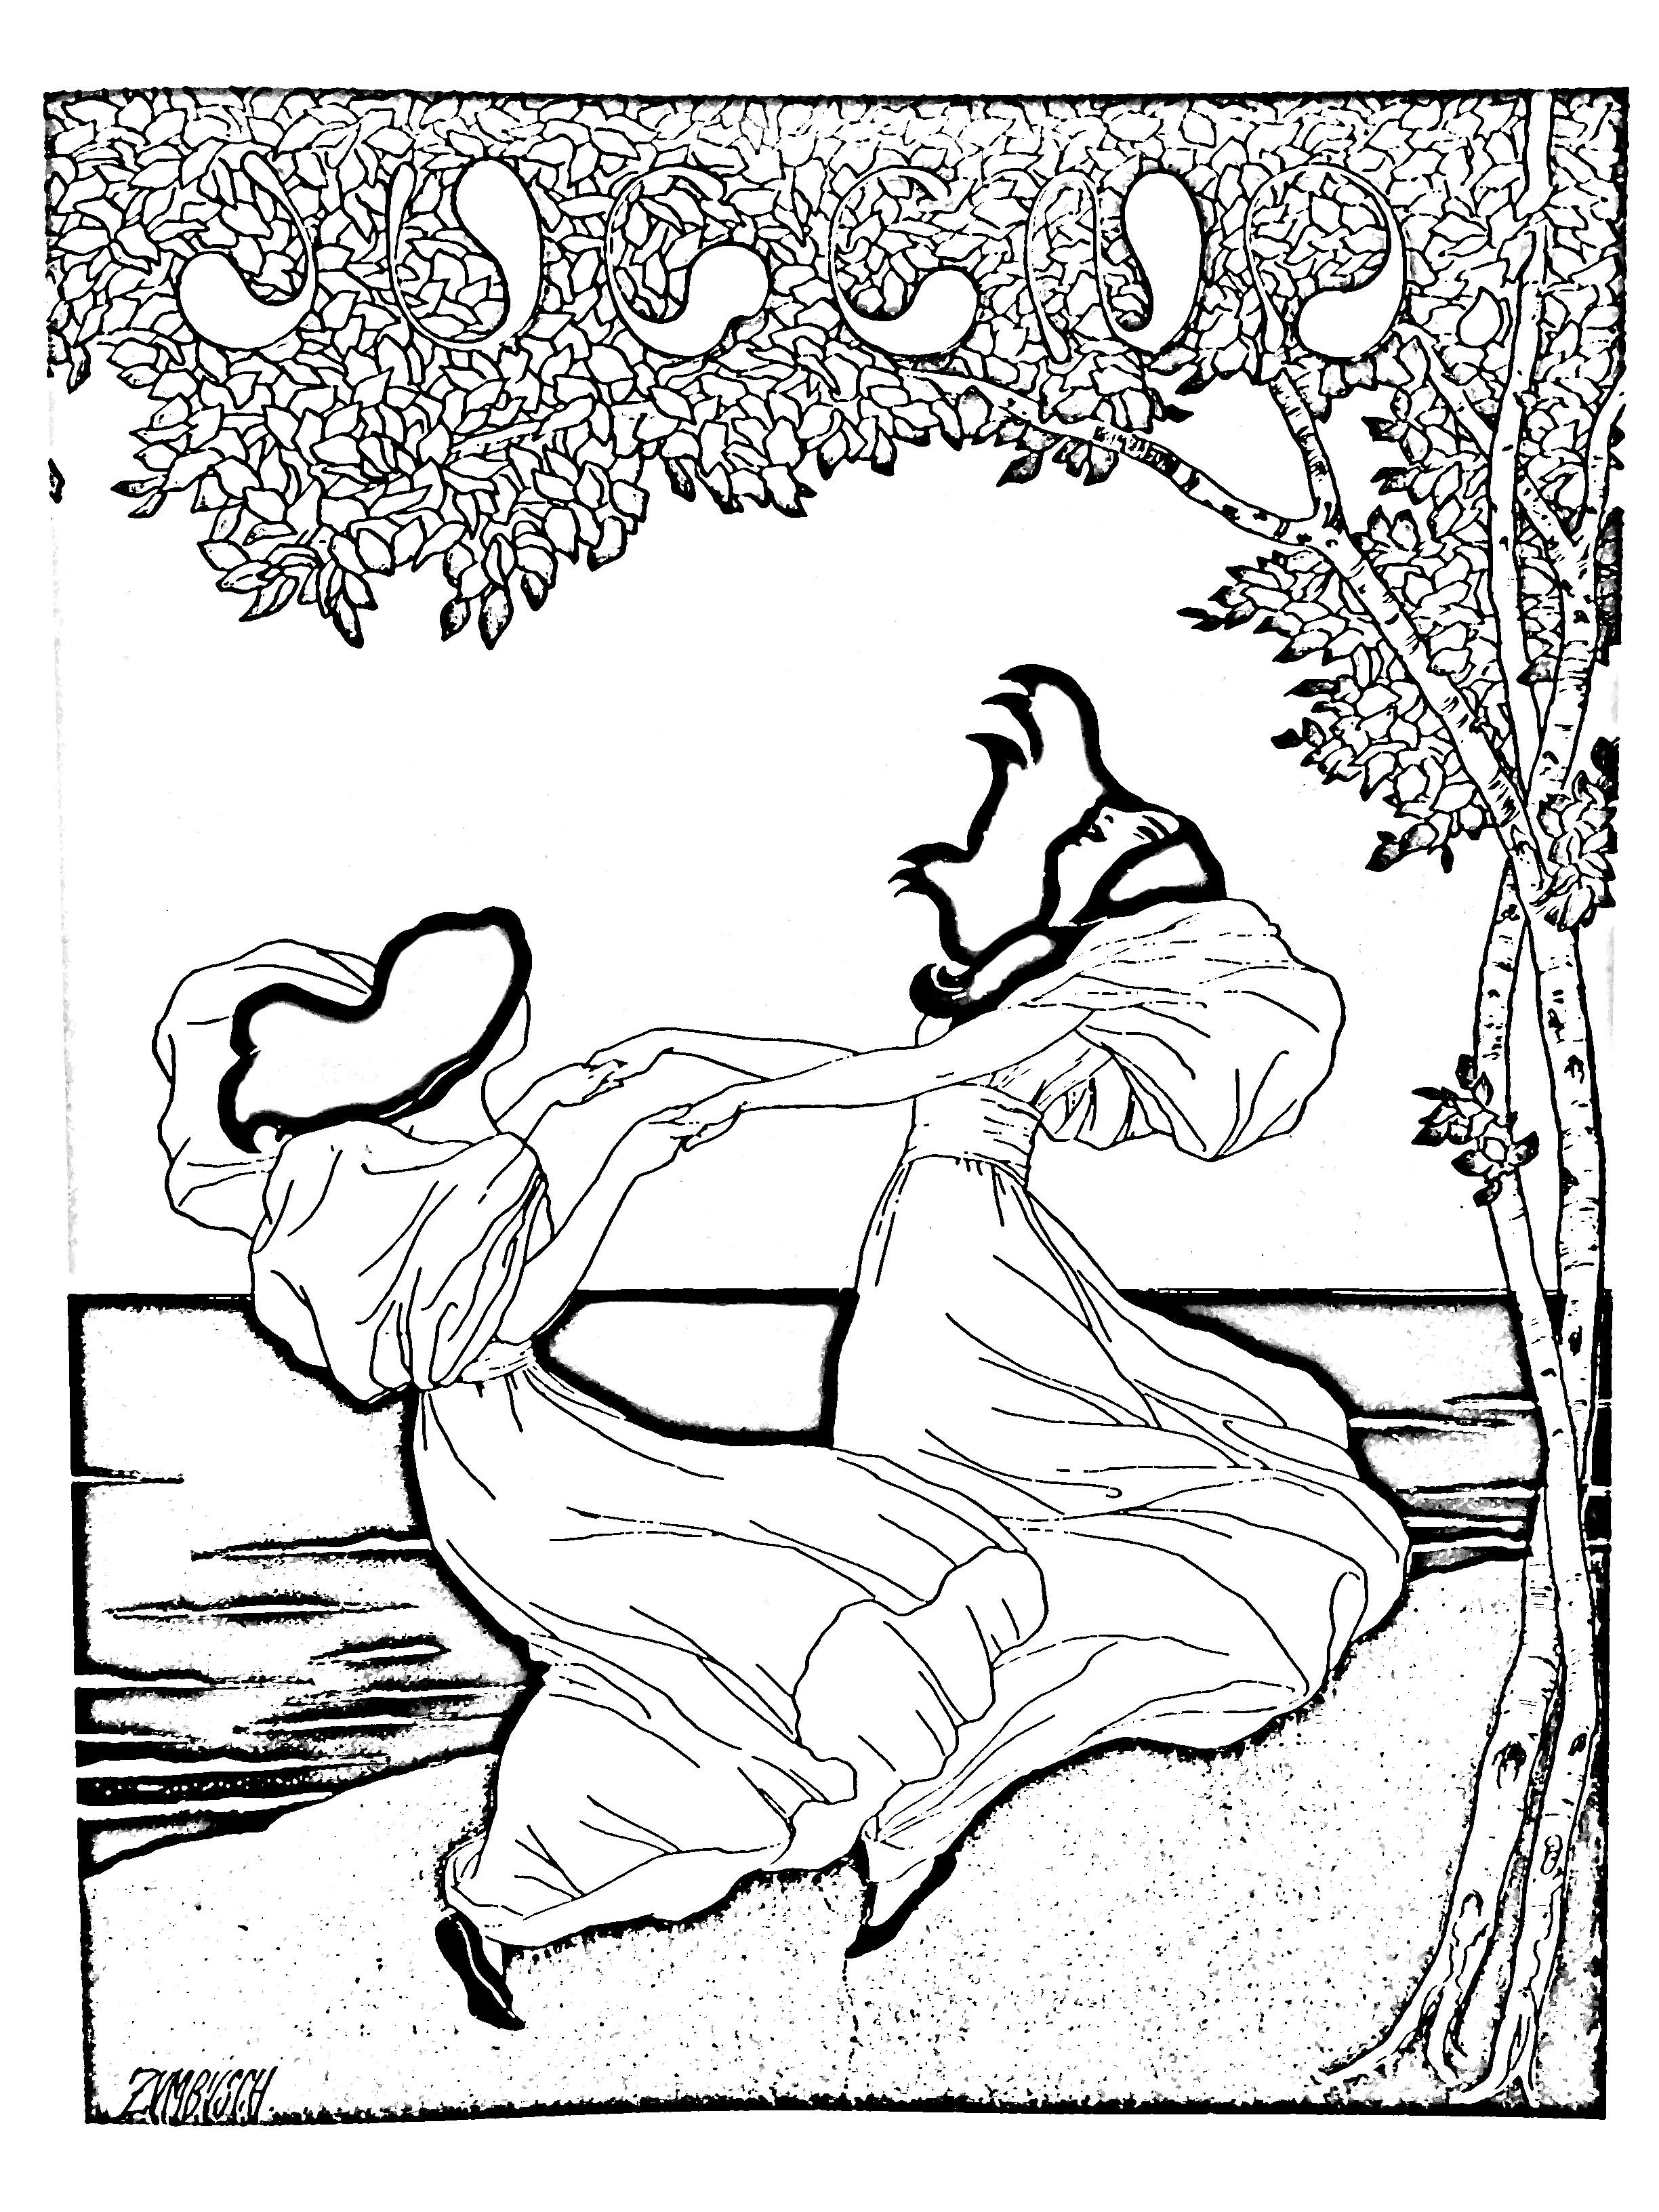 Disegni da colorare per adulti : Art nouveau - 20